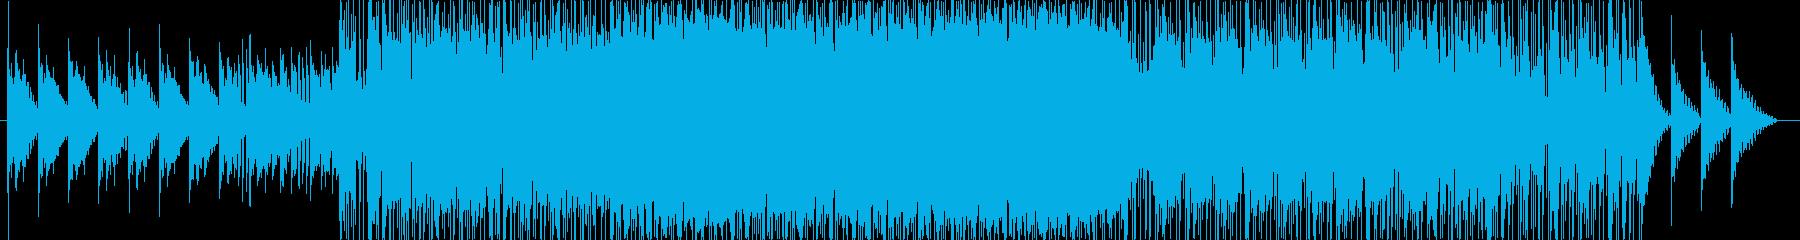 セツナ系の温かいポップスの再生済みの波形